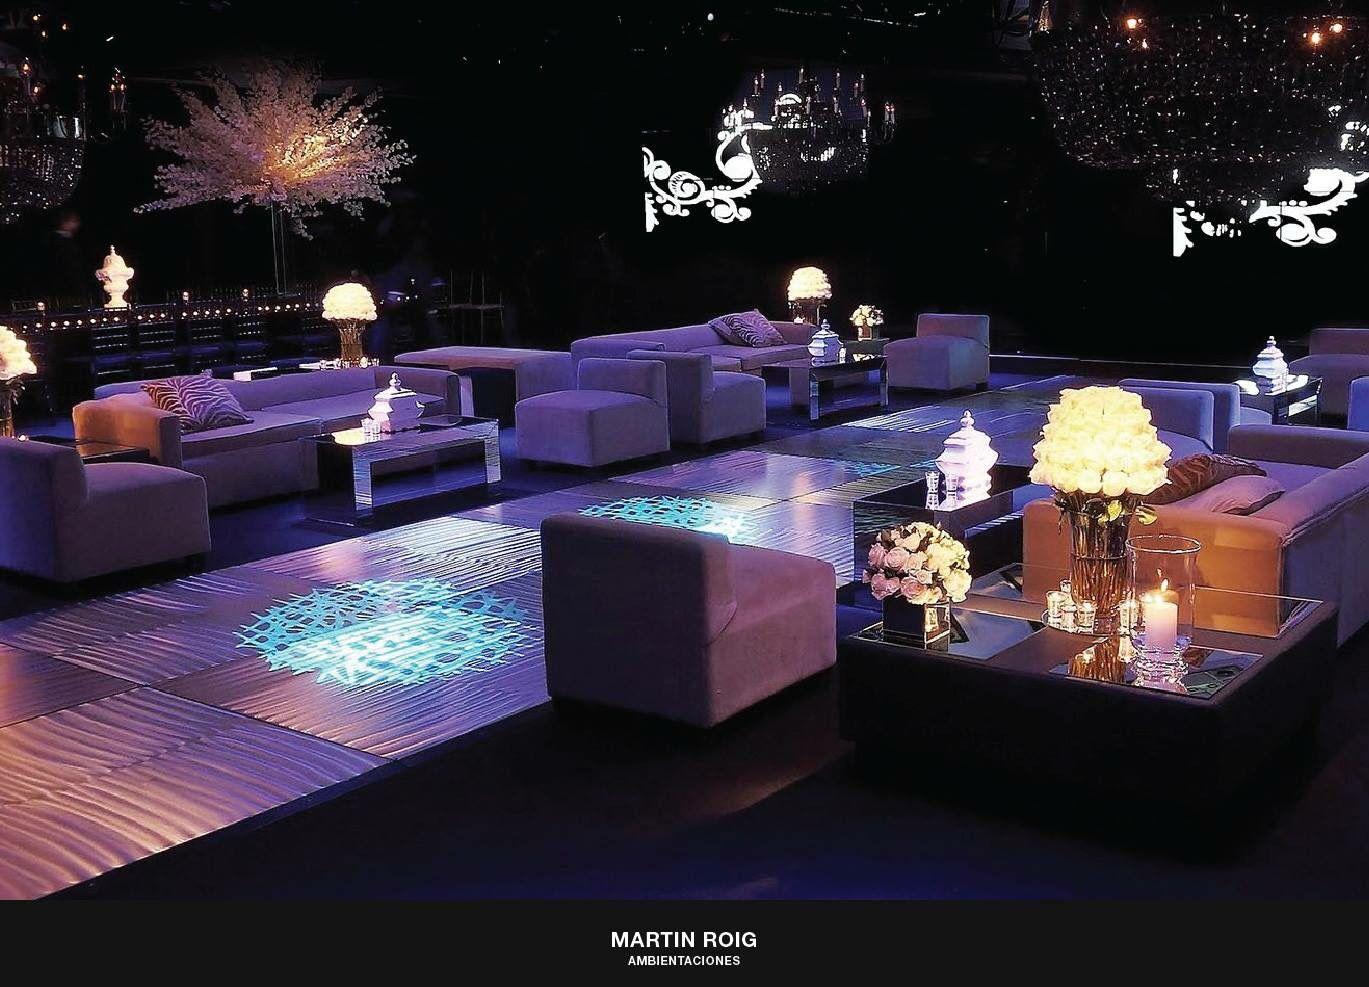 Martin Roig Ambientaciones Iluminacion De Eventos Decoracion De Eventos Fiestas Y Eventos